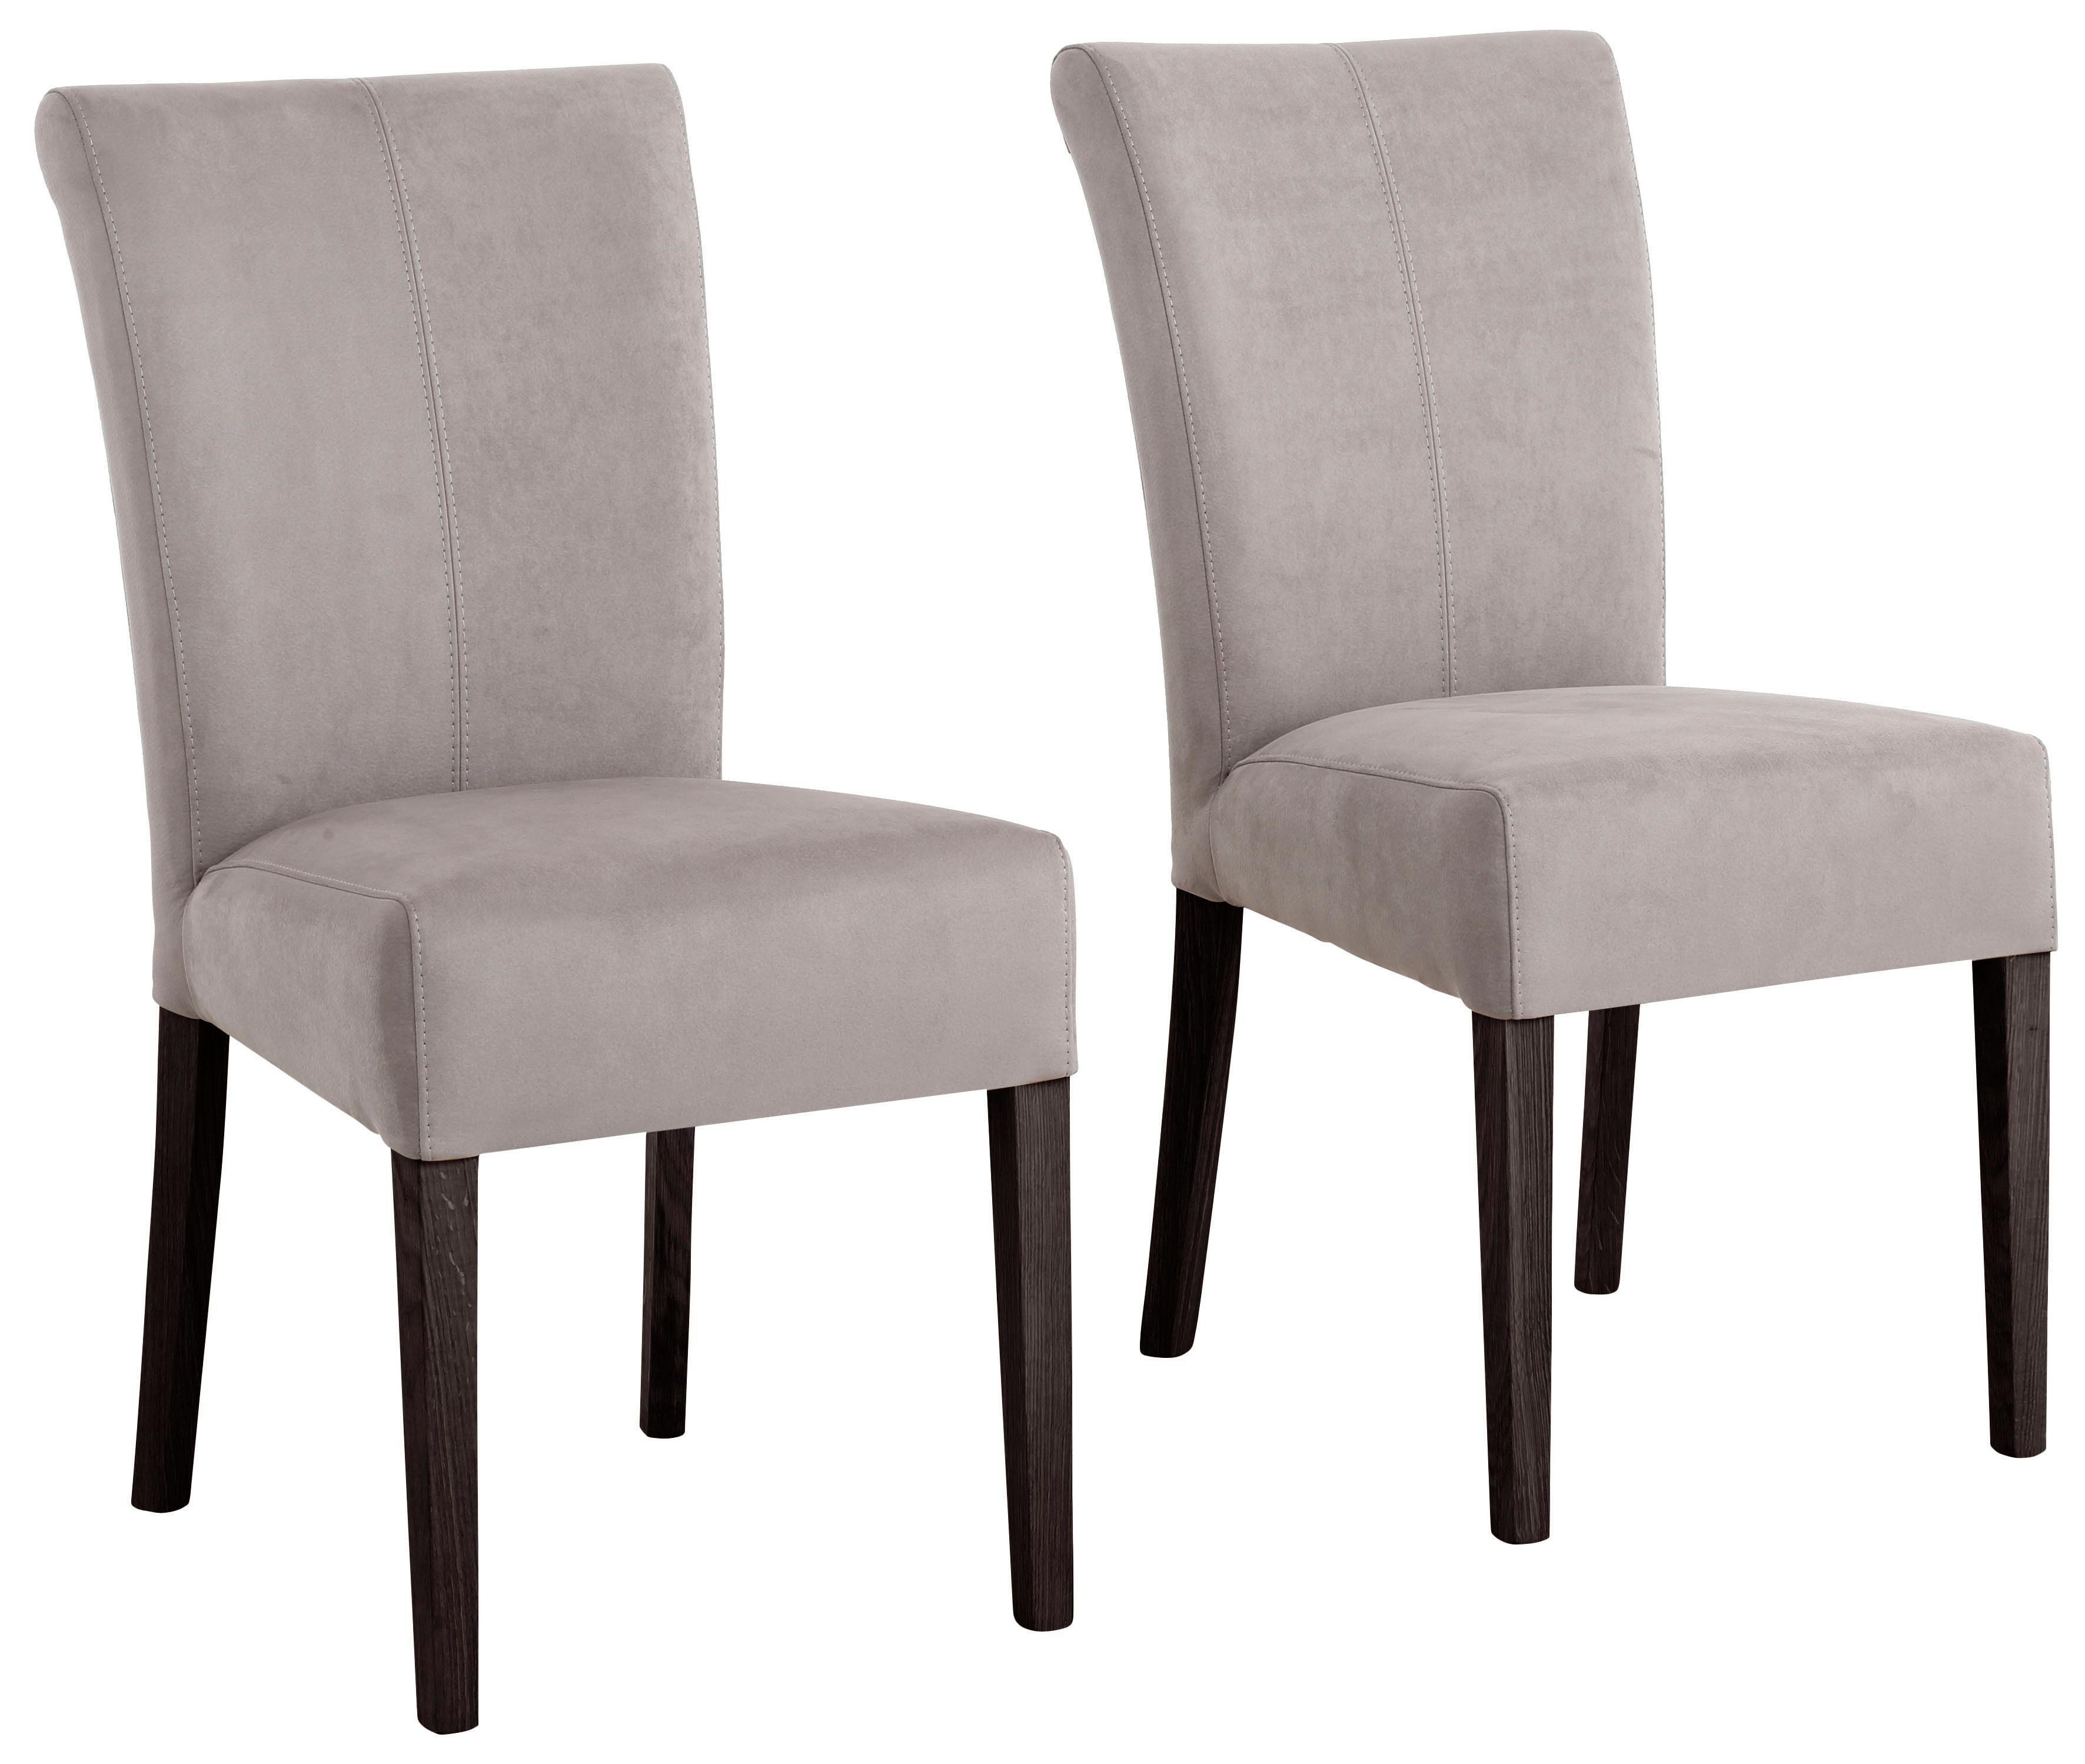 Home affaire Stuhl »Queen« Beine aus massiver Buche, wengefarben lackiert. Im praktischen 2er Set online kaufen | OTTO